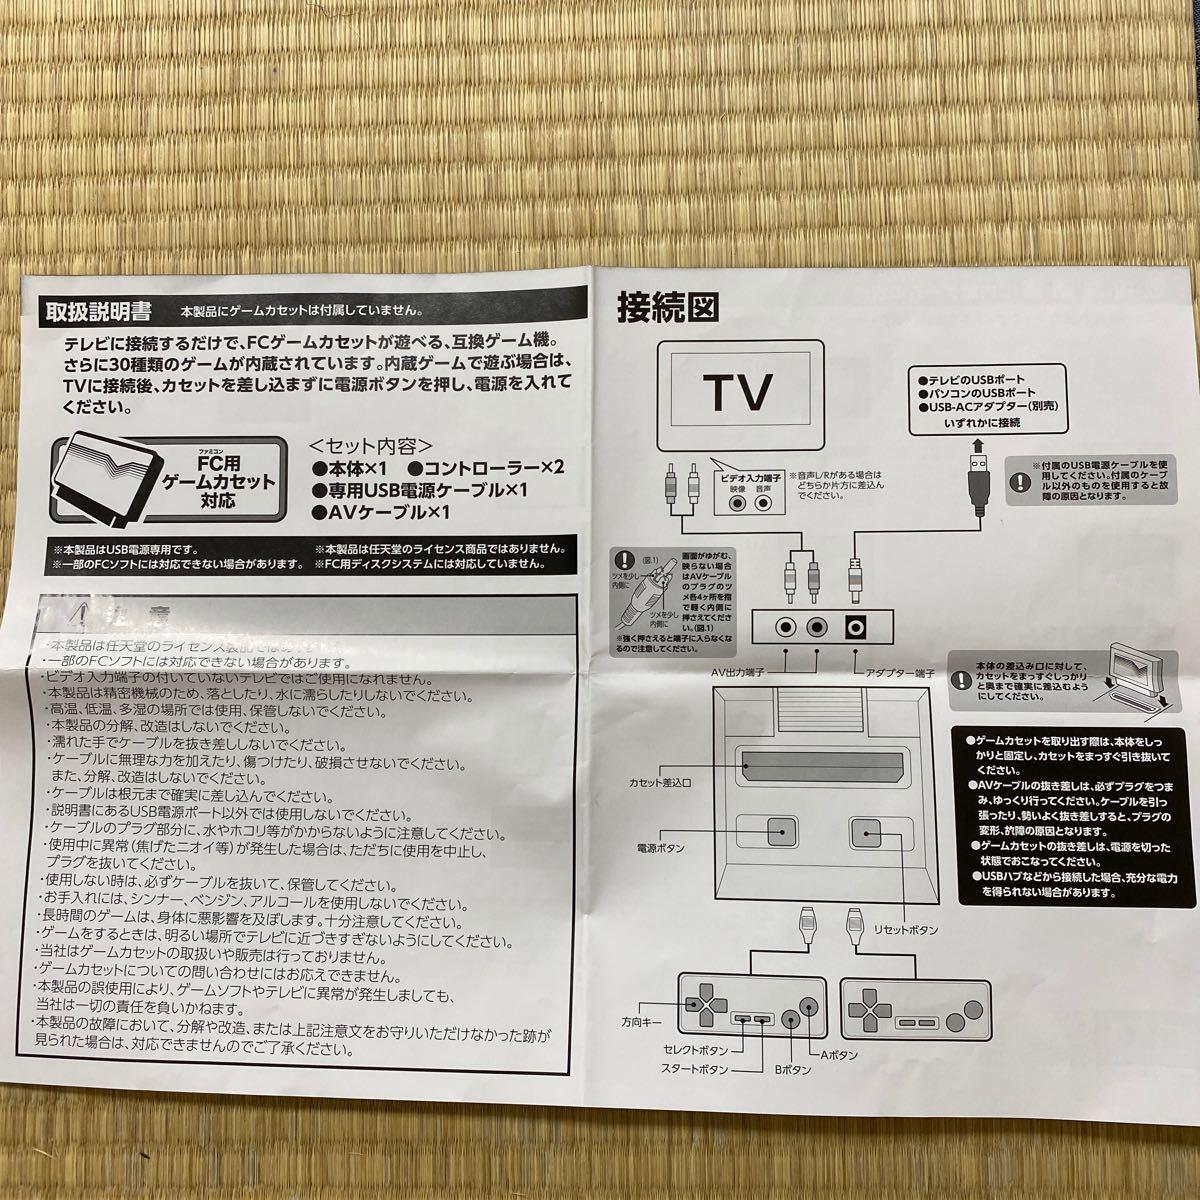 ファミコン互換機 ソフトセット ファミコン本体 ソフト